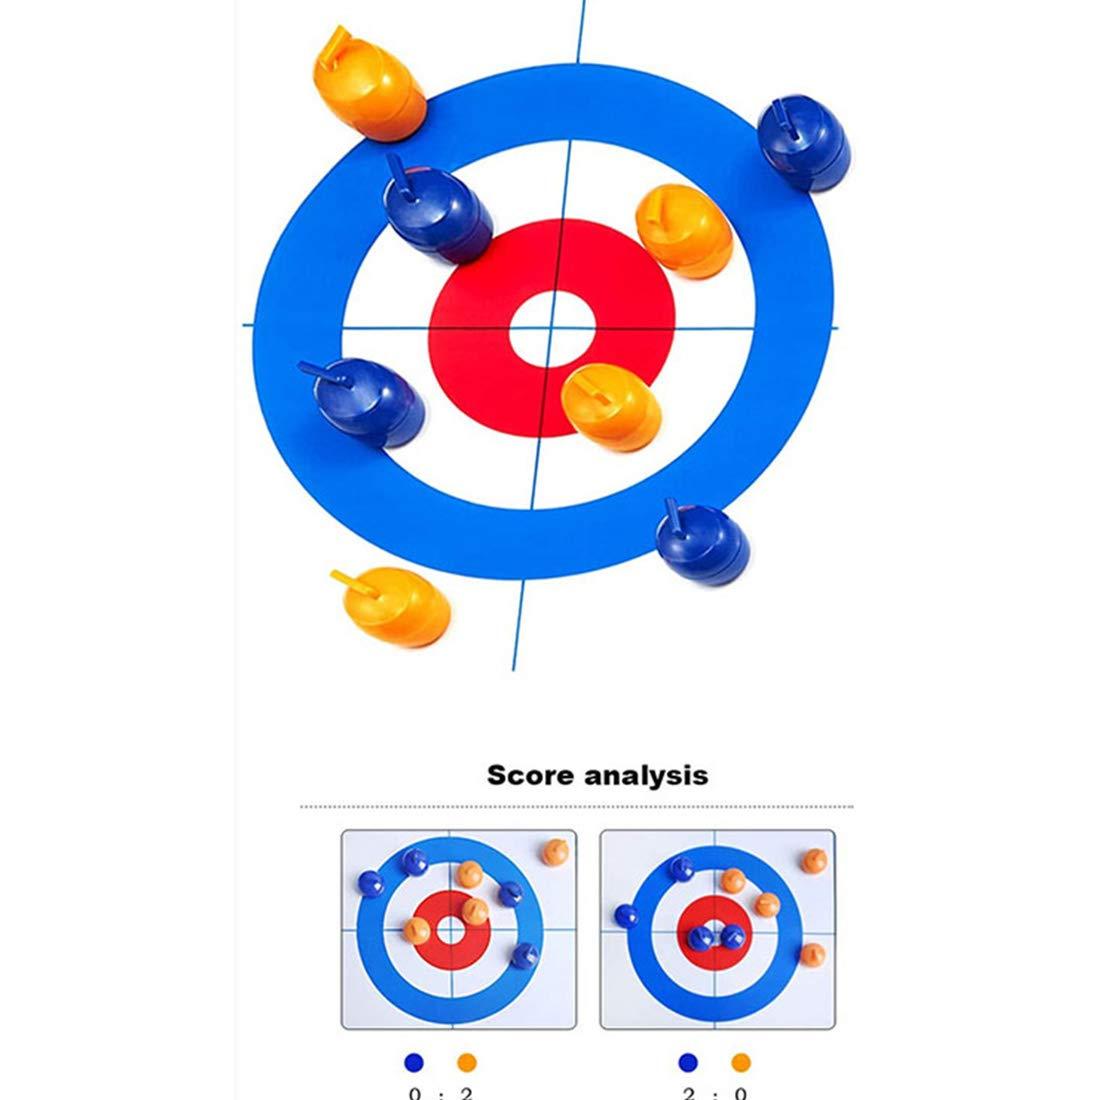 BYBYC Junta Curling Fun Family Games Juego de Mesa Compacto para Niños y Adultos tejo Pucks con 8 Rodillos Padre y el Hijo Juegos interactivos,Blanco: Amazon.es: Deportes y aire libre